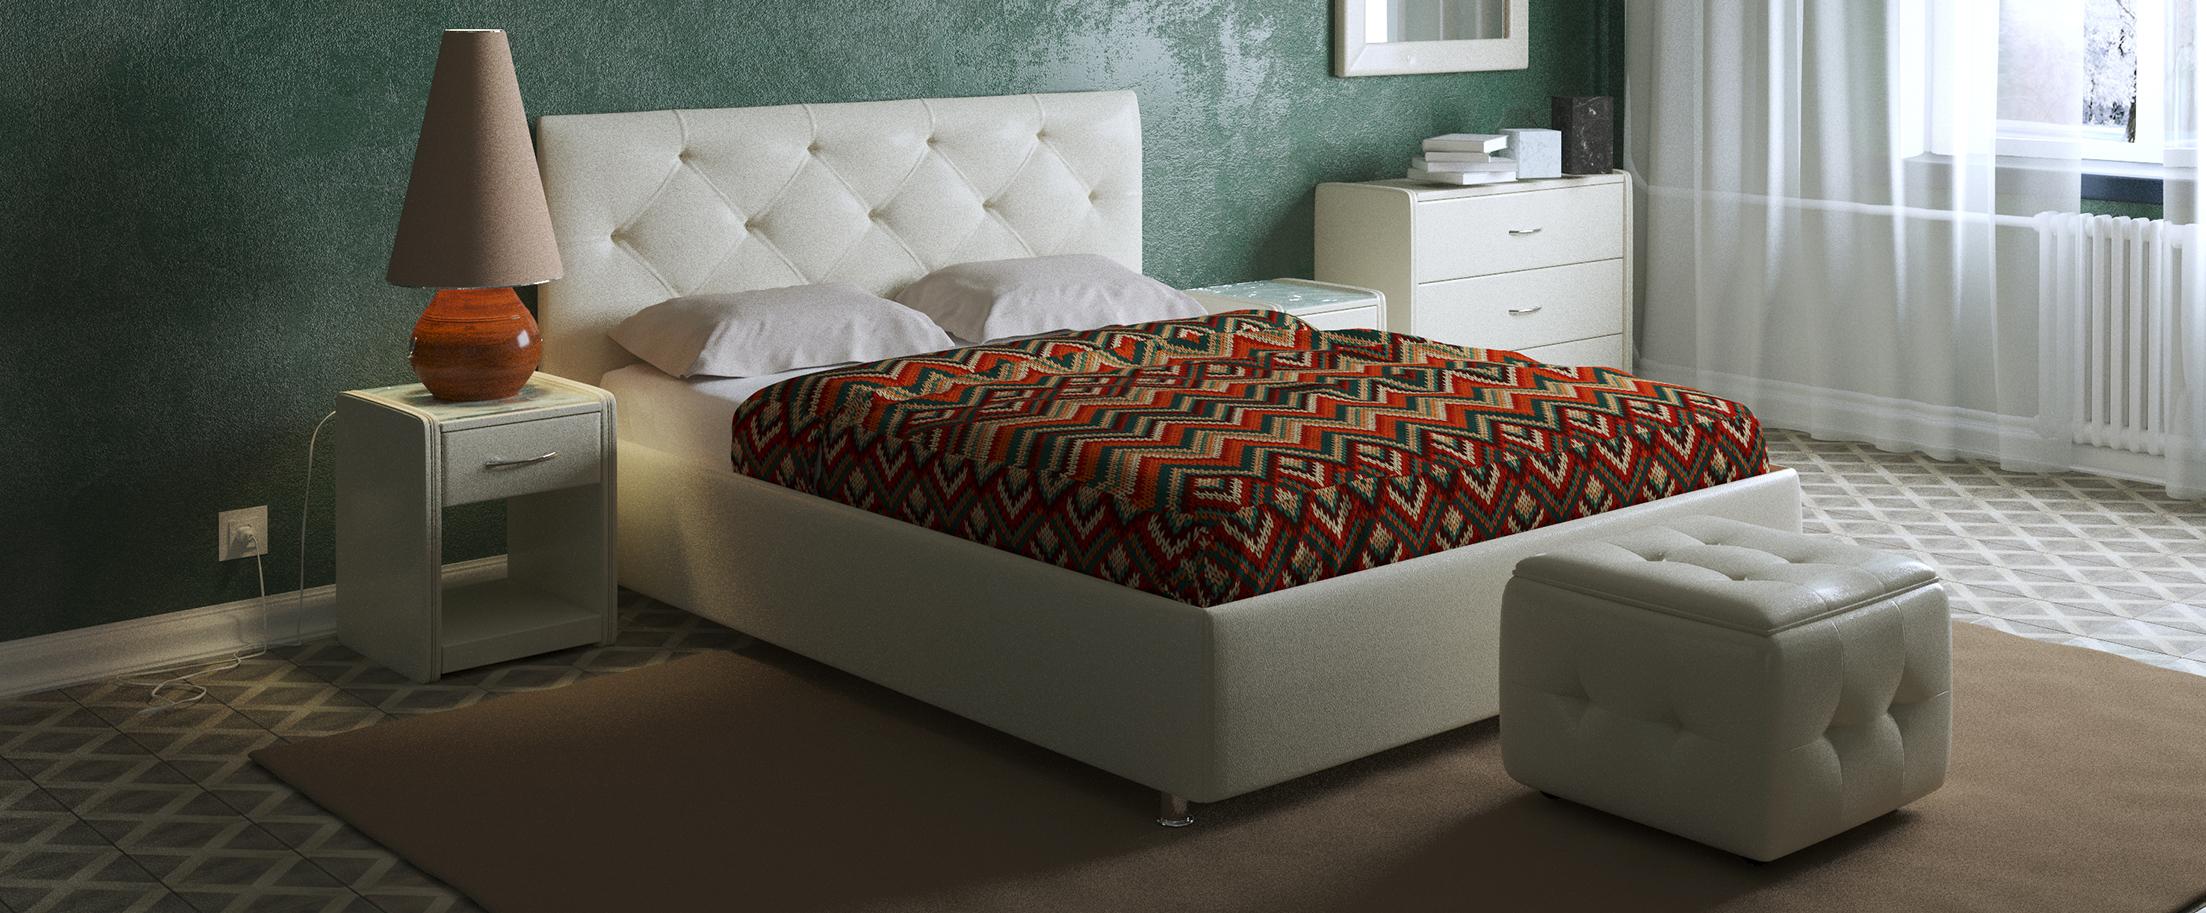 Кровать двуспальная Монблан Модель 383«Монблан» станет центром внимания в спальне. Утяжки средней глубины кропотливо собраны вручную и подчеркнуты пуговицами.<br><br>Ширина см: 155<br>Глубина см: 212<br>Высота см: 110<br>Ширина спального места см: 140<br>Глубина спального места см: 200<br>Встроенное основание: Есть<br>Материал каркаса: ДСП<br>Материал обивки: Экокожа<br>Подъемный механизм: Нет<br>Цвет: Белый<br>Код ткани: Марципан